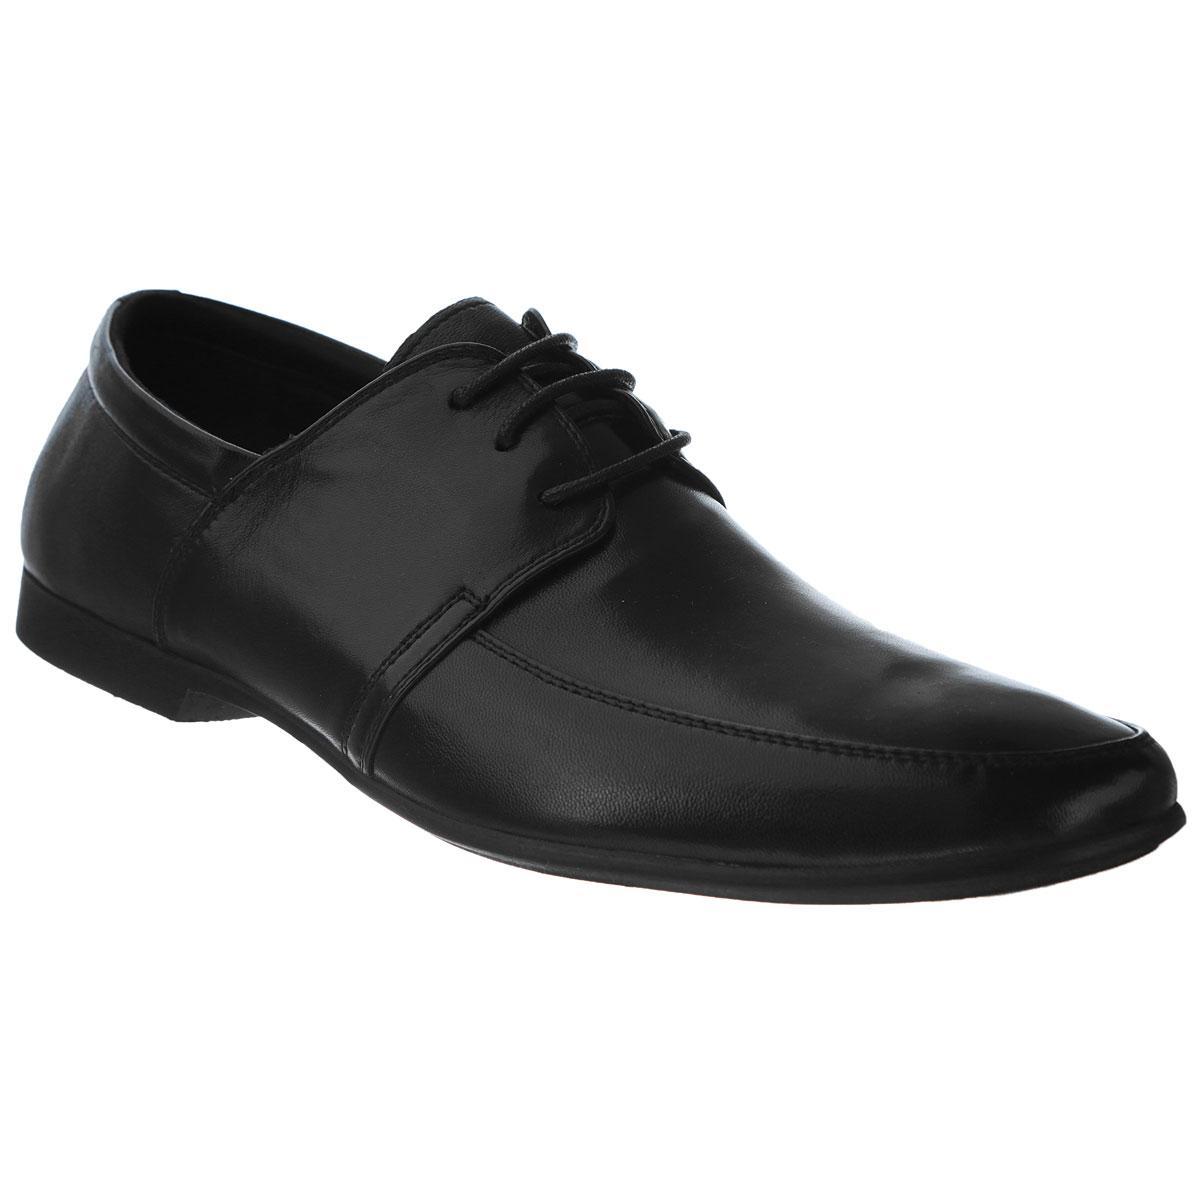 Туфли мужские. 104-145-18104-145-18Элегантные мужские туфли от Dino Ricci займут достойное место среди вашей коллекции обуви. Модель выполнена из натуральной высококачественной кожи и оформлена декоративной прострочкой. Шнуровка позволяет прочно зафиксировать модель на ноге. Стелька EVA с внешней поверхностью из натуральной кожи обеспечивает комфорт при передвижении. Невысокий каблук и подошва с рифлением обеспечивают отличное сцепление с поверхностью. Стильные туфли прекрасно дополнят ваш деловой образ.